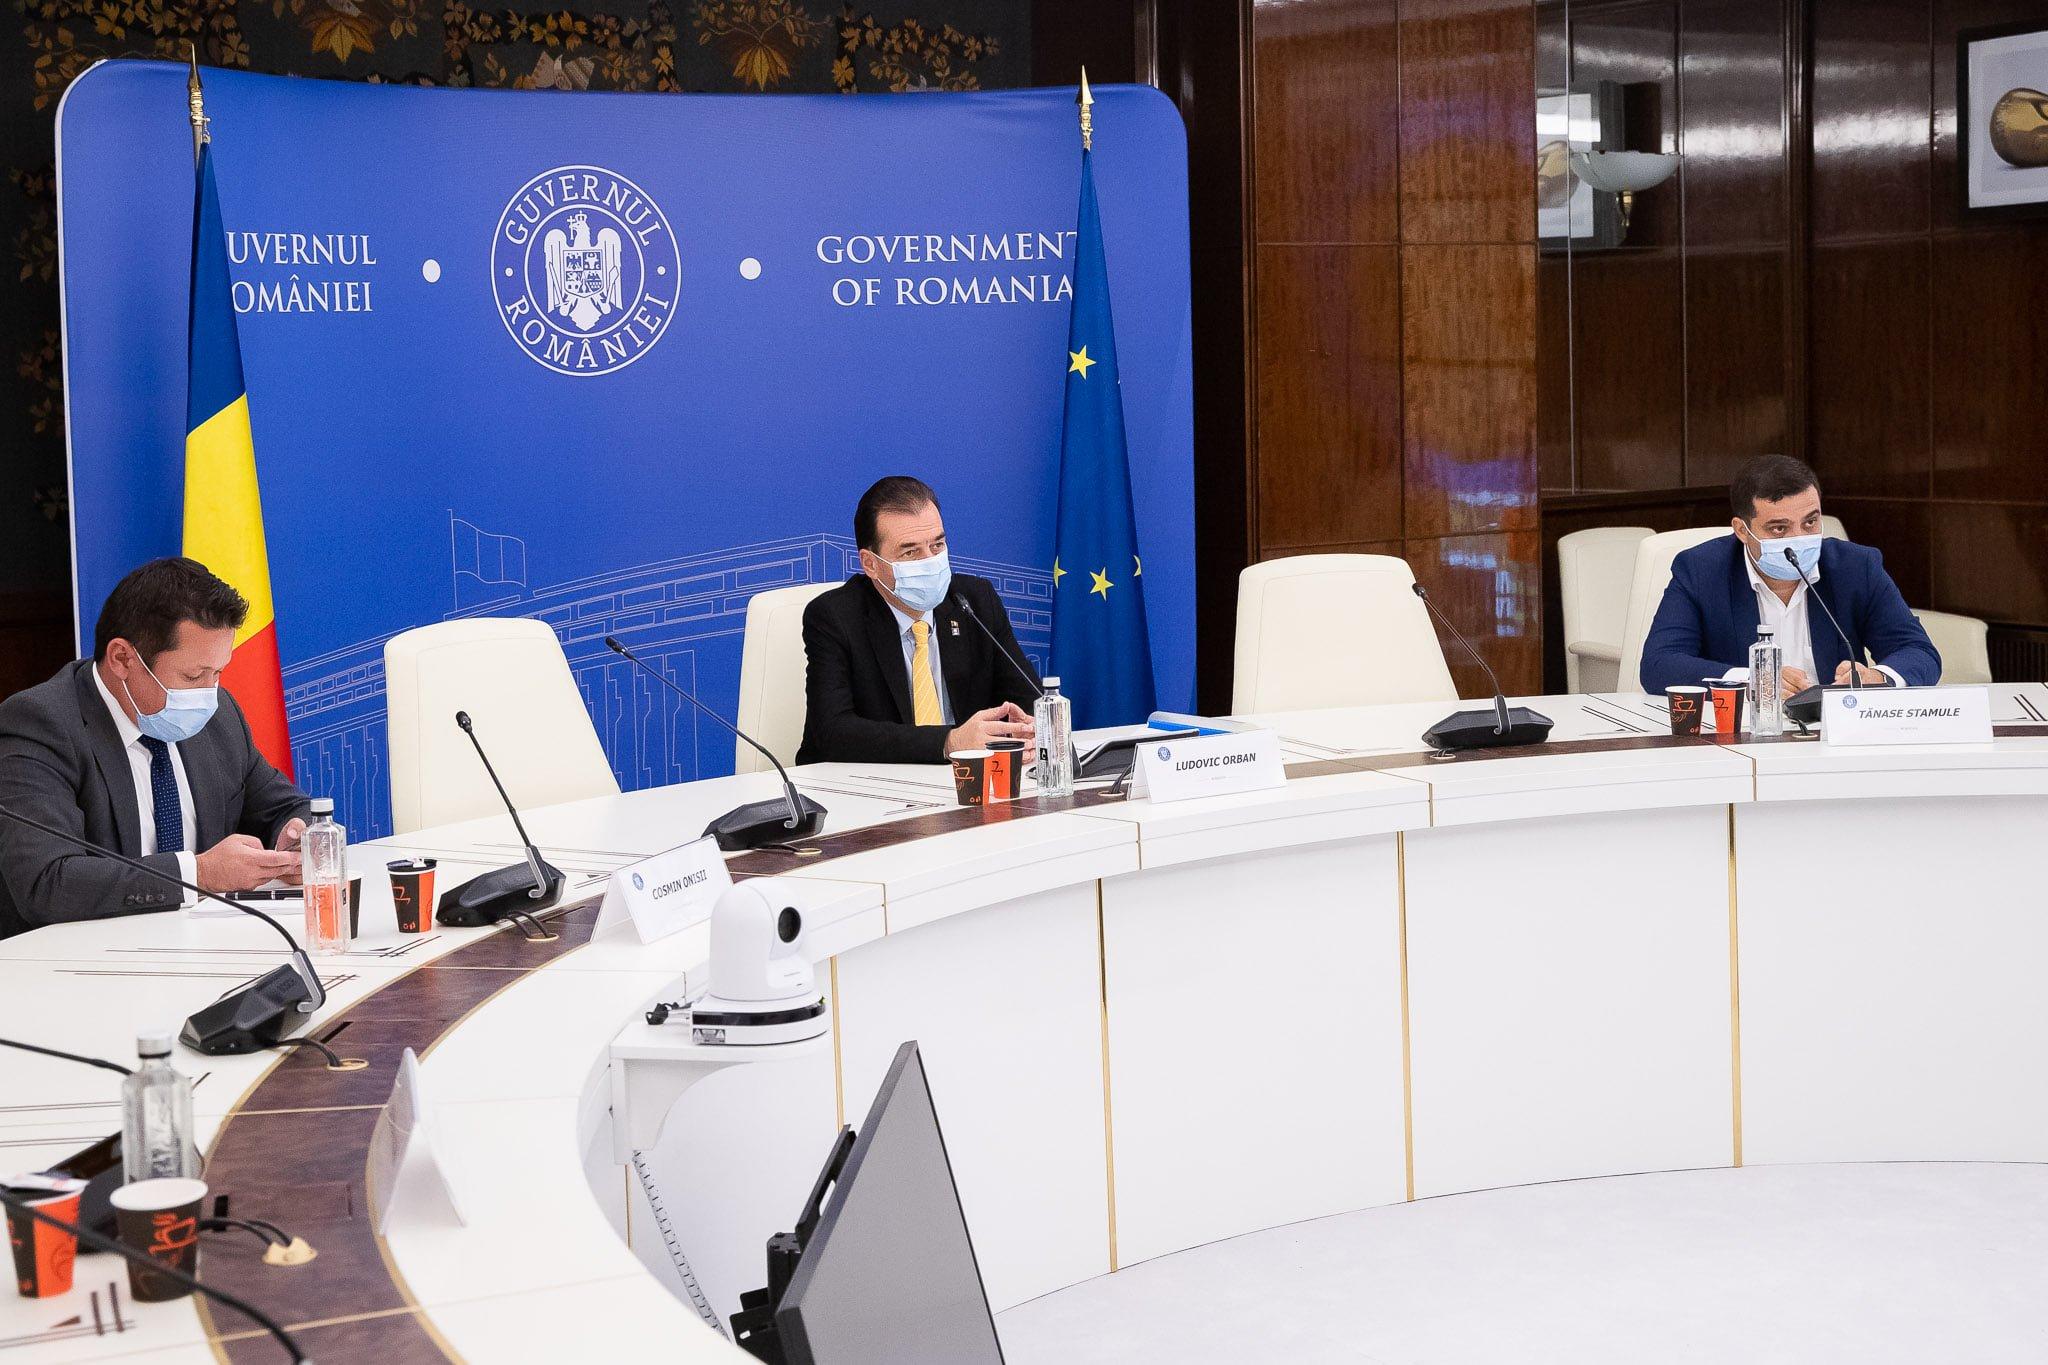 orban gov